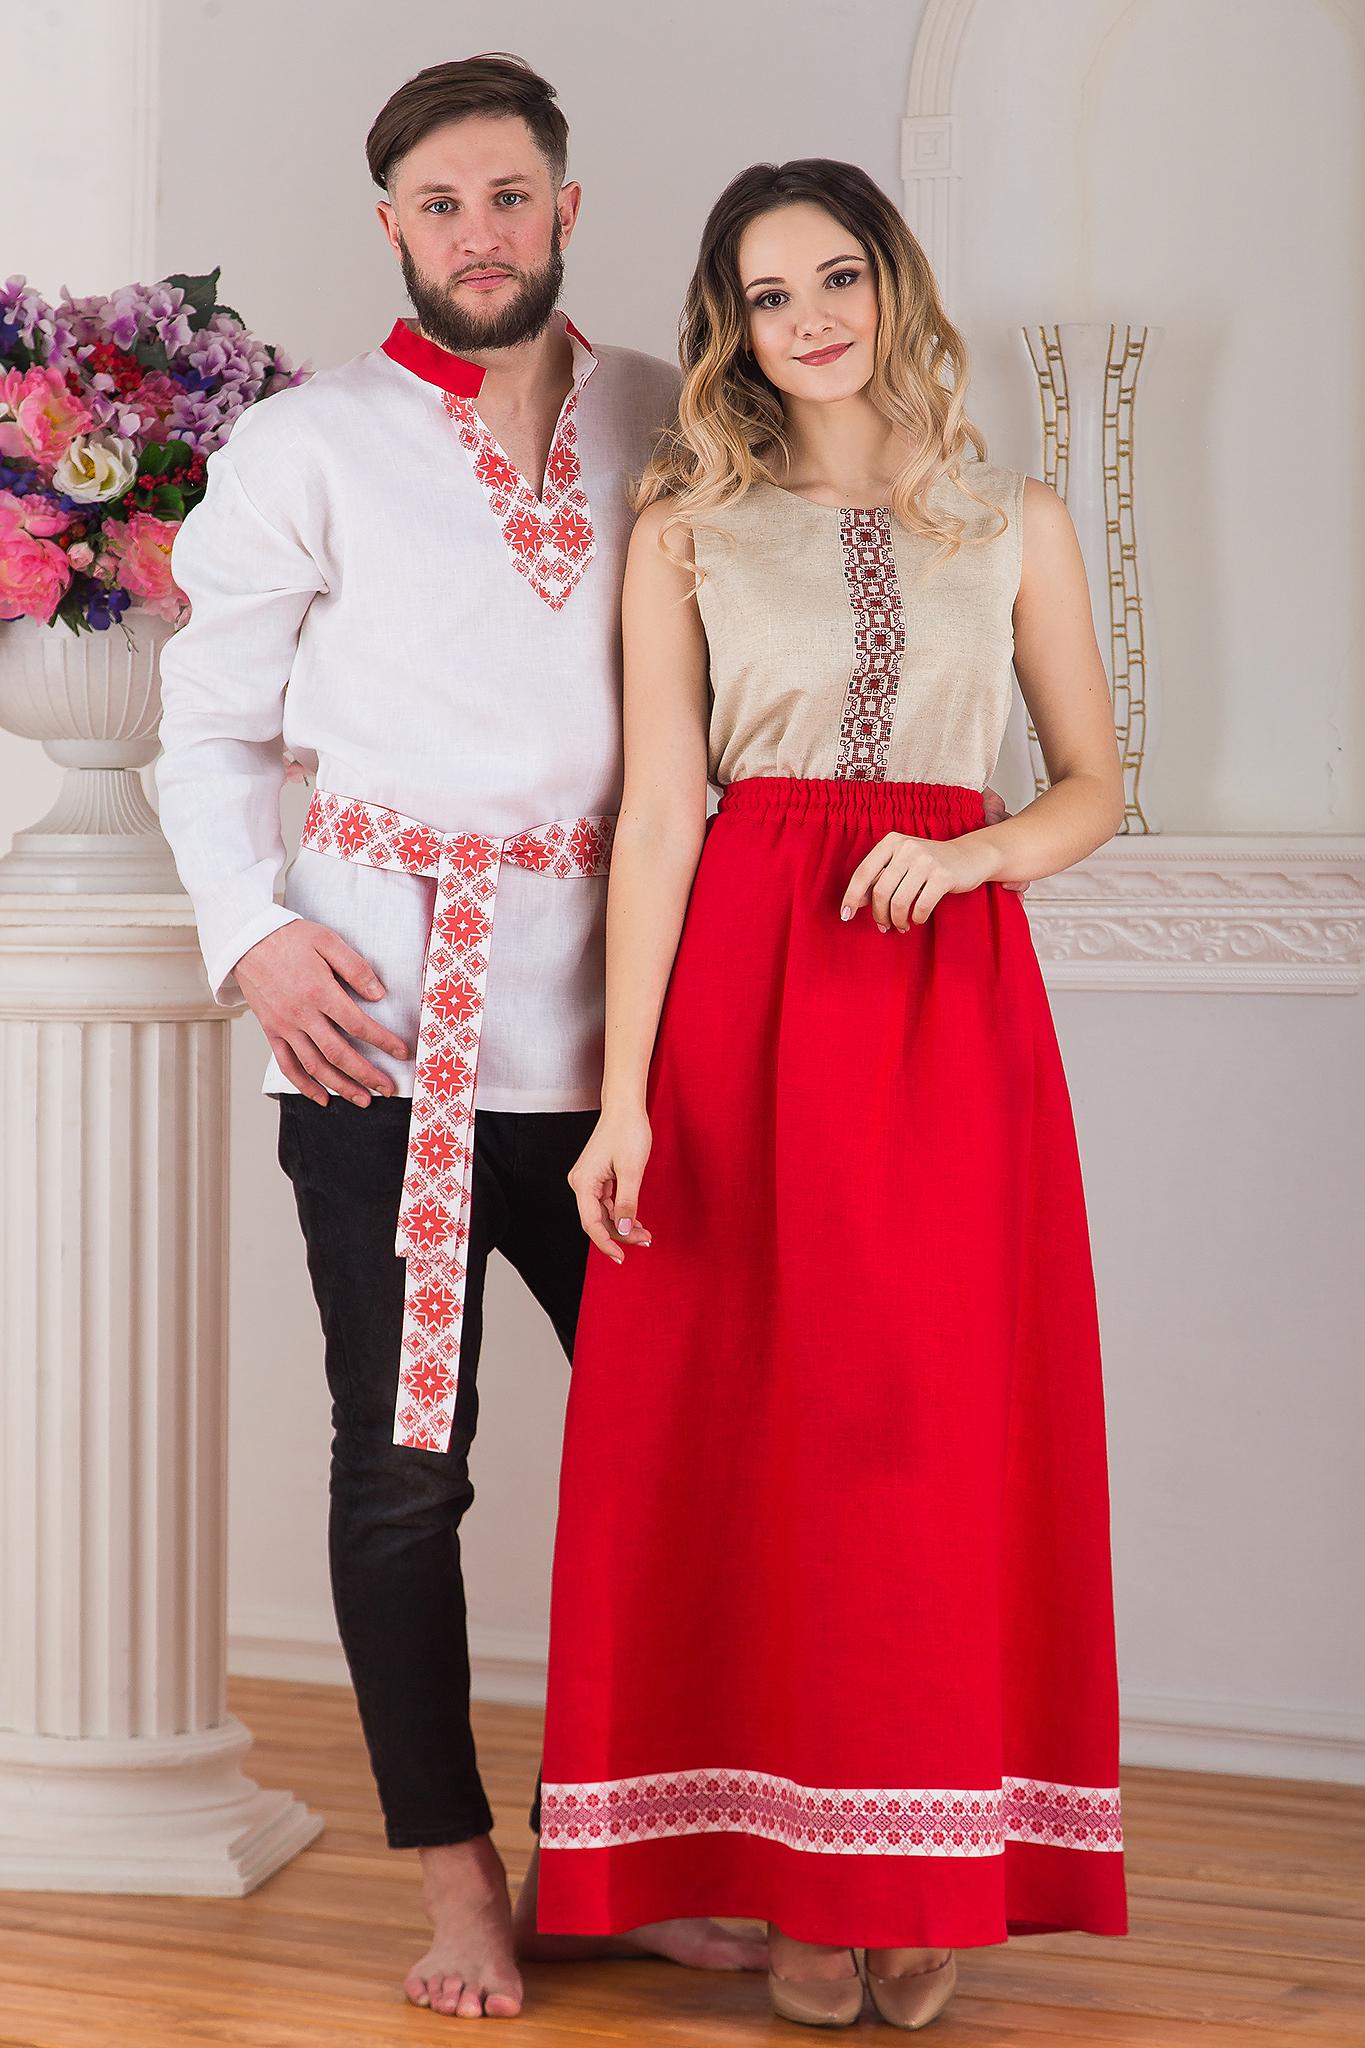 Юбка длинная льняная Ягодка от интернет-магазина Иванка пара